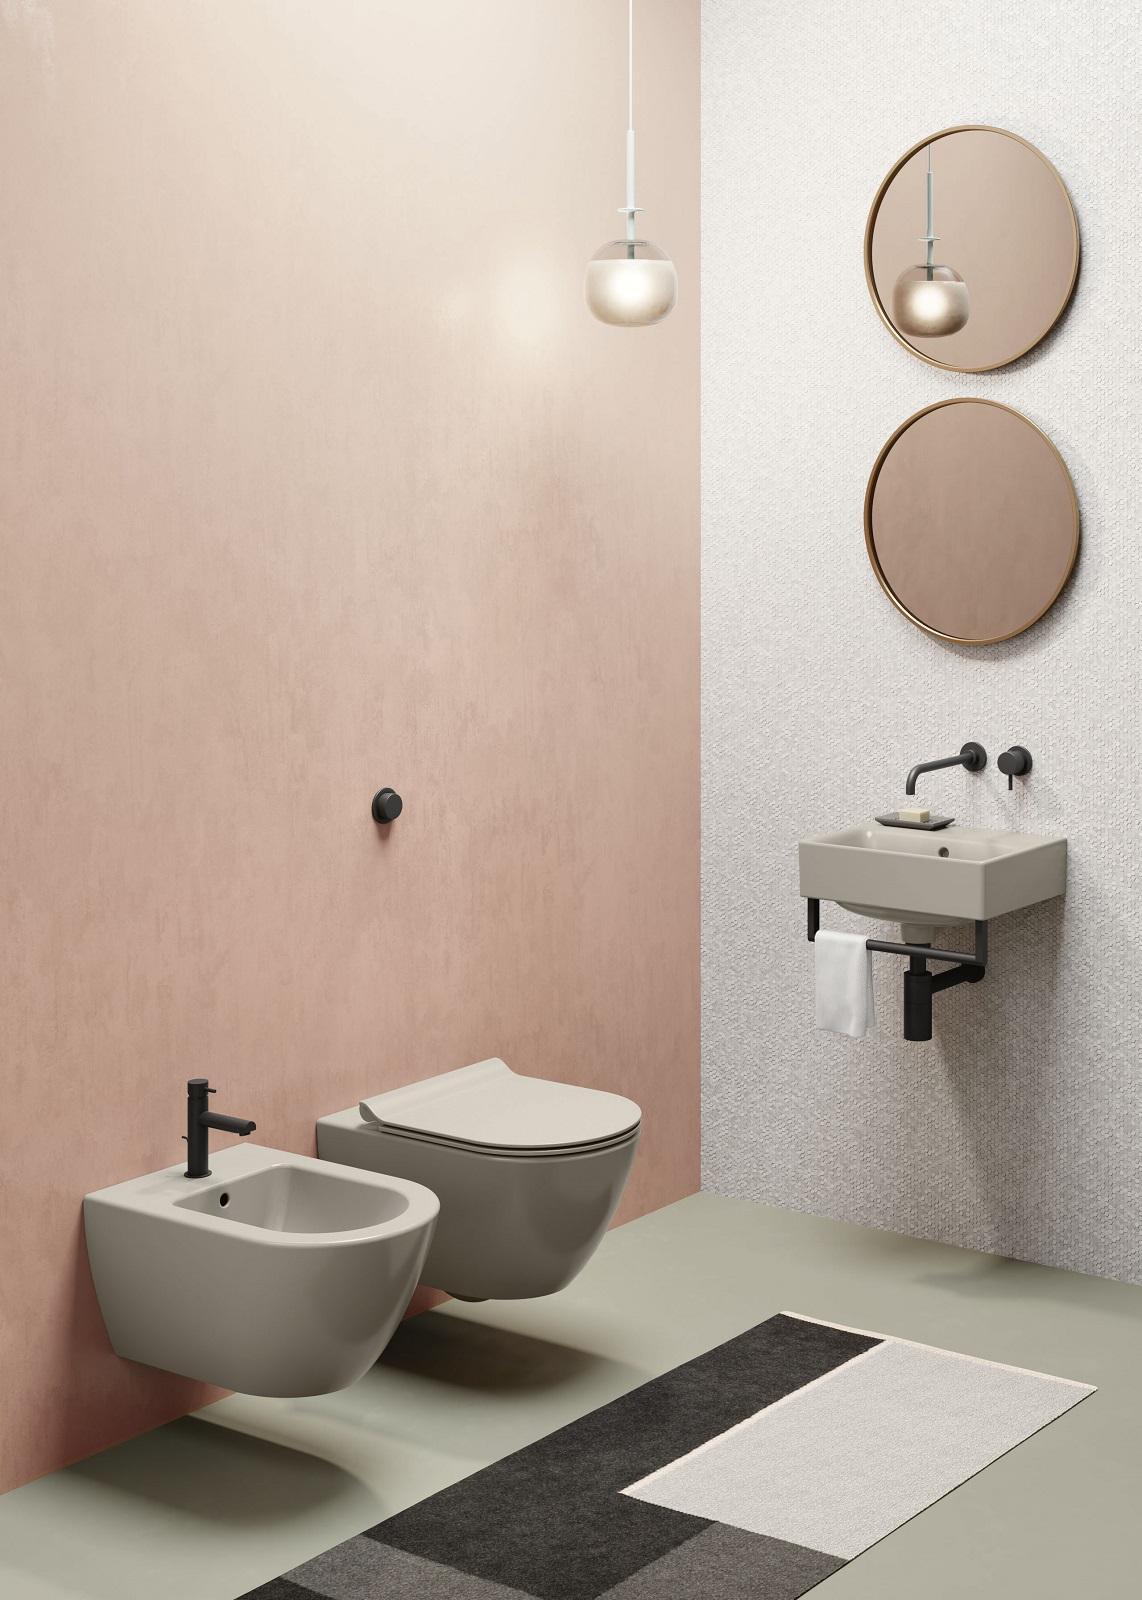 Lavabo Bagno Piccolo Misure bagno piccolo: 25 soluzioni che semplificano la scelta